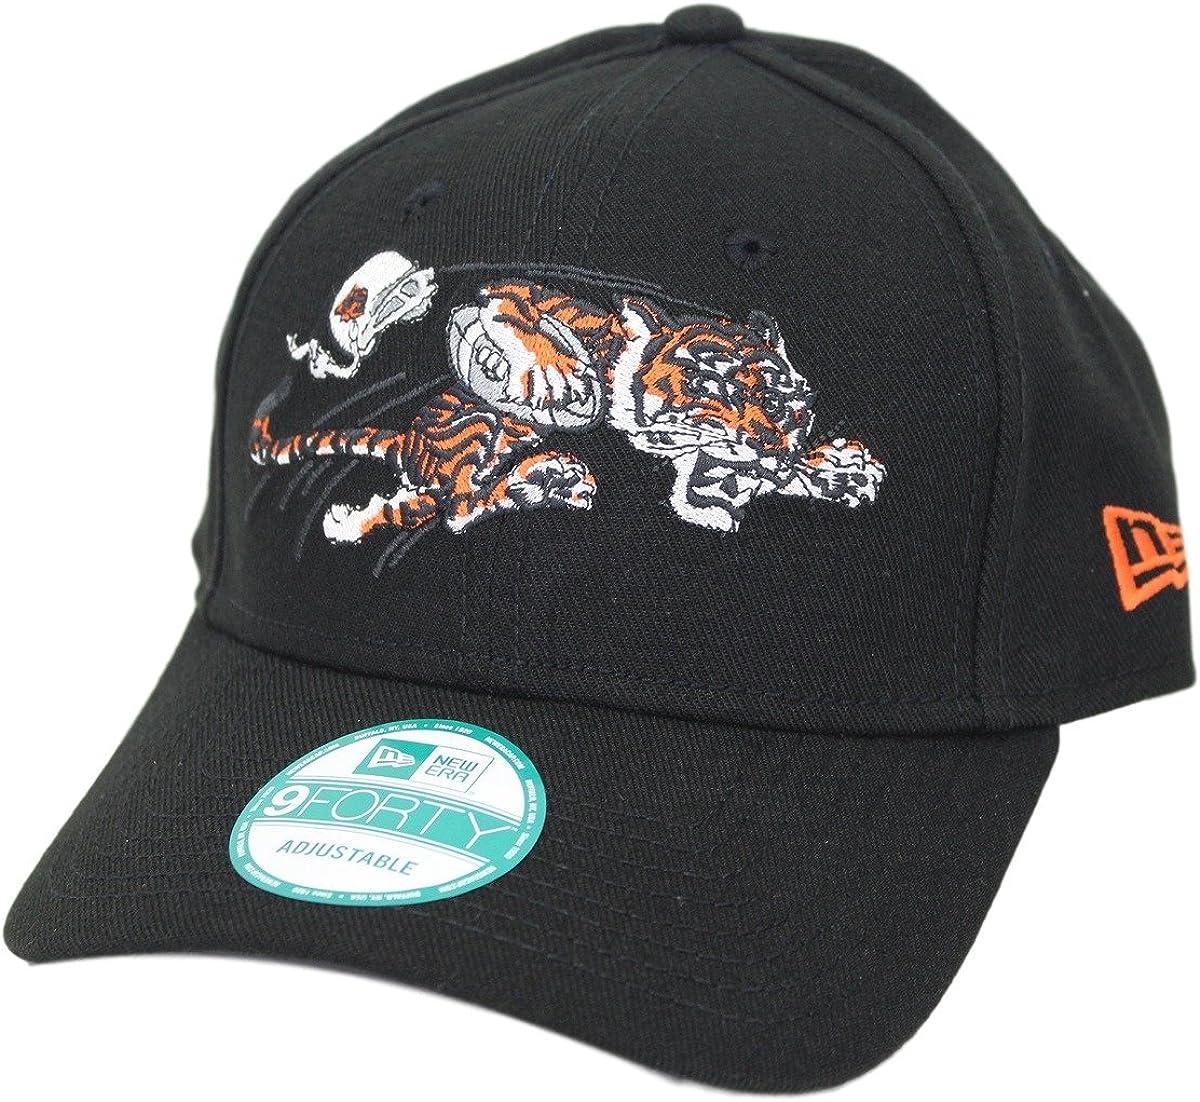 Snapback New Era 9forty Cincinnati Bengals Black.